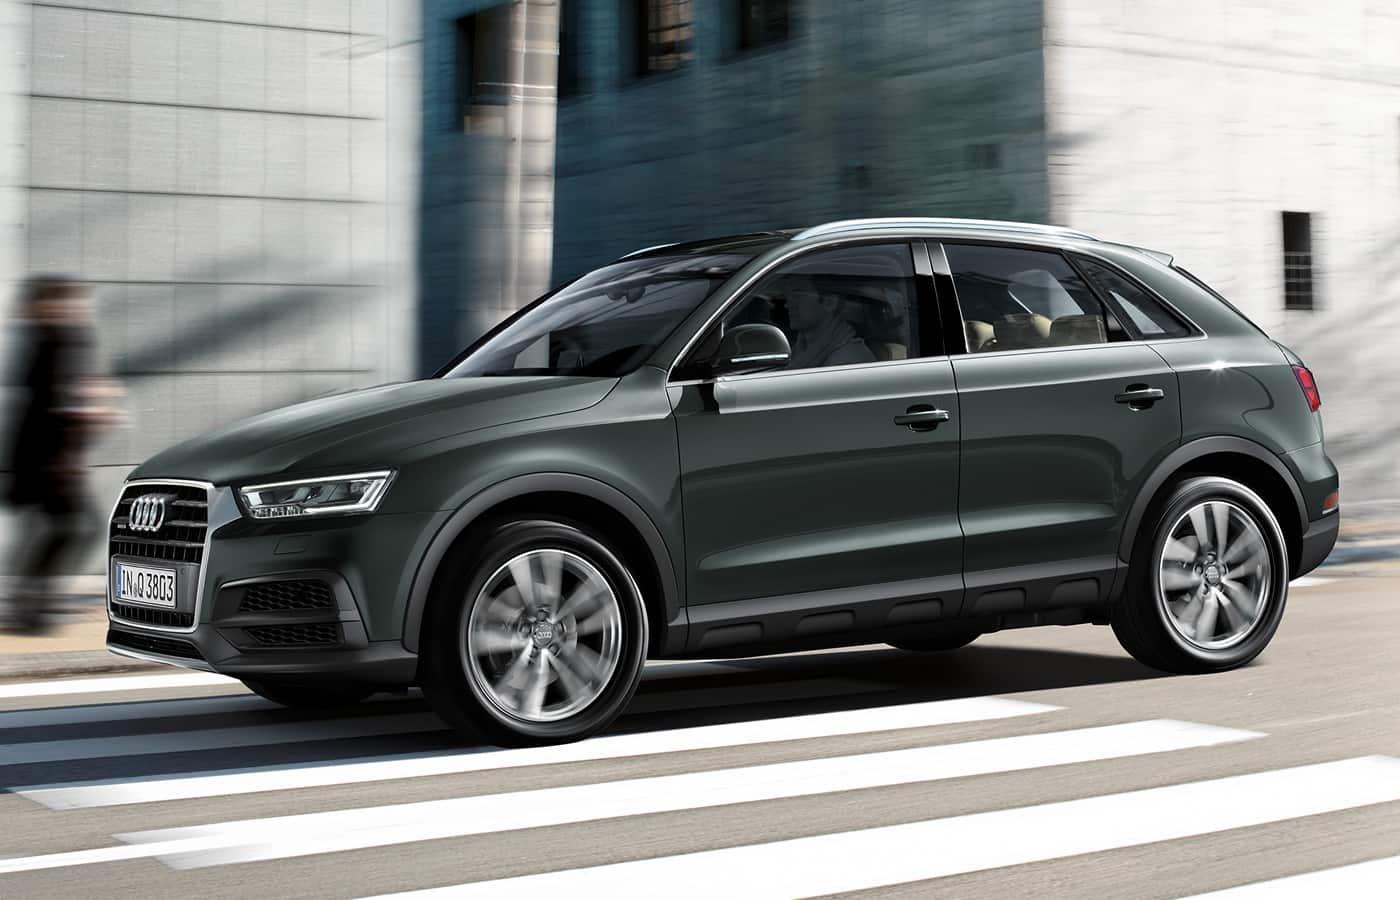 Audi Q3 2019 Q3 2019 Audi Middle East Advancement Through